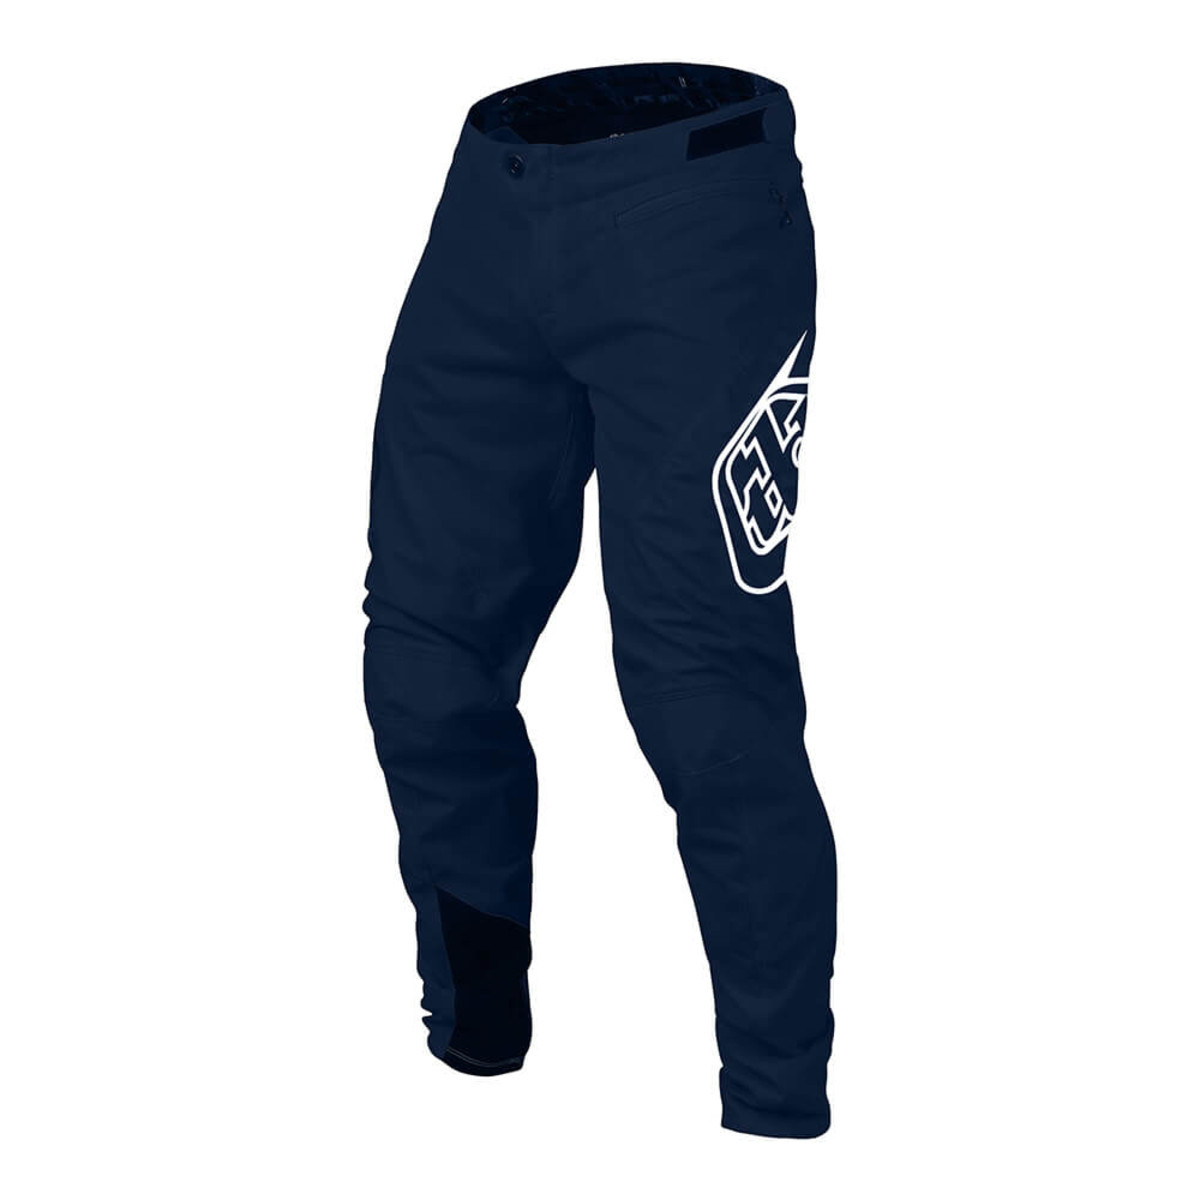 Штаны TLD Sprint Pant [Navy] размер 28